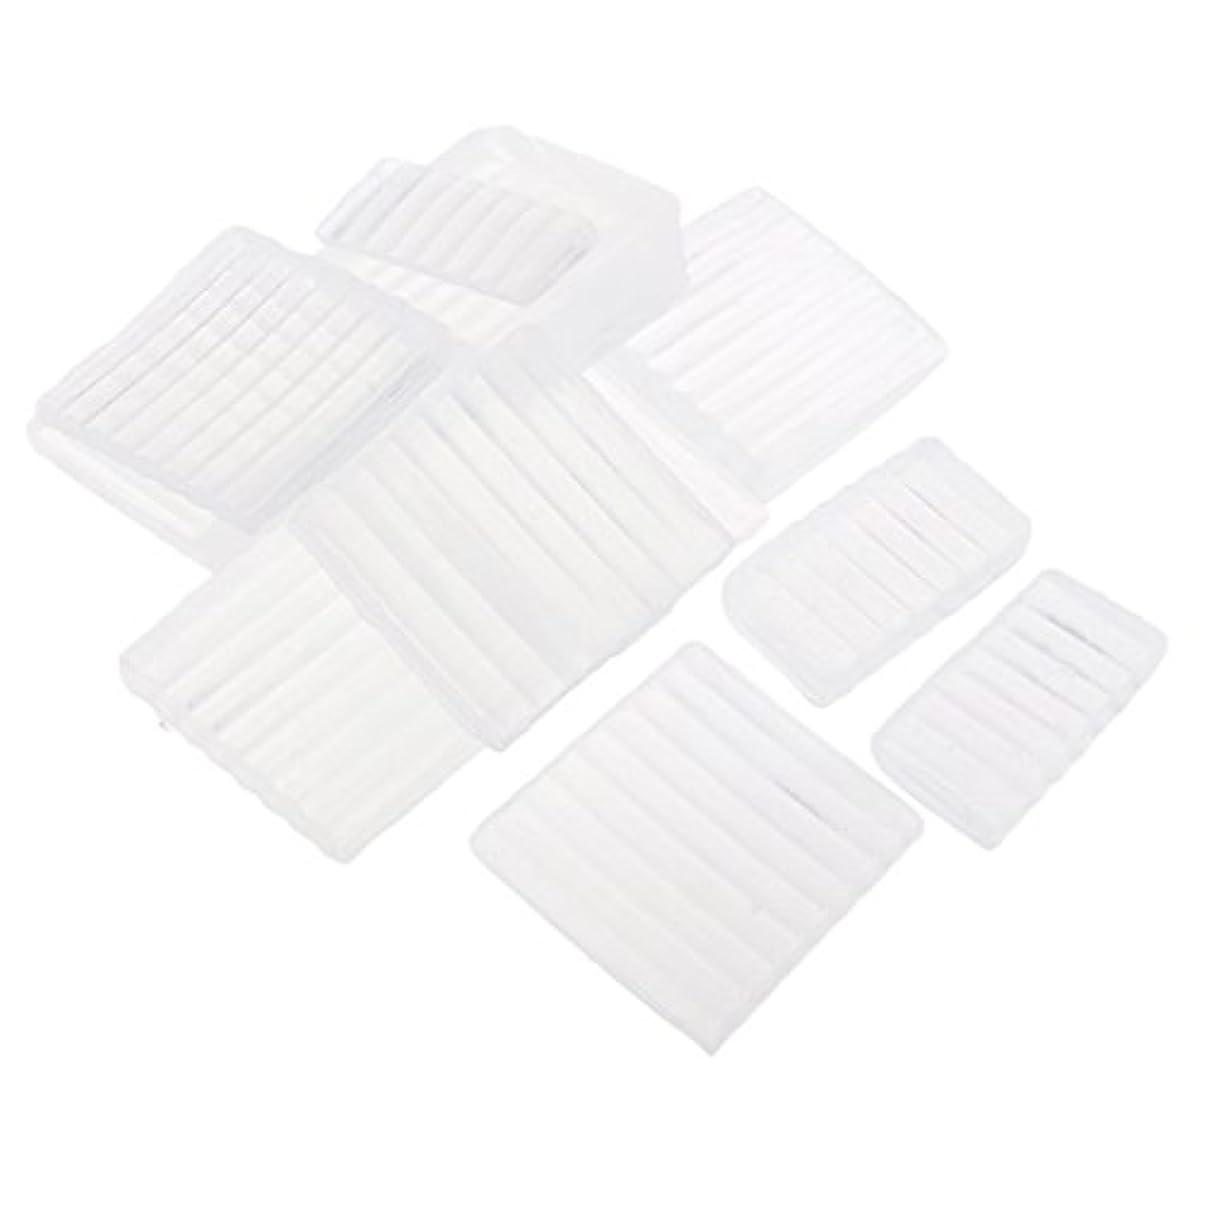 天文学数字三角Sharplace 透明 石鹸ベース せっけん DIY 手作り 石鹸作り 材料 白い石鹸ベース